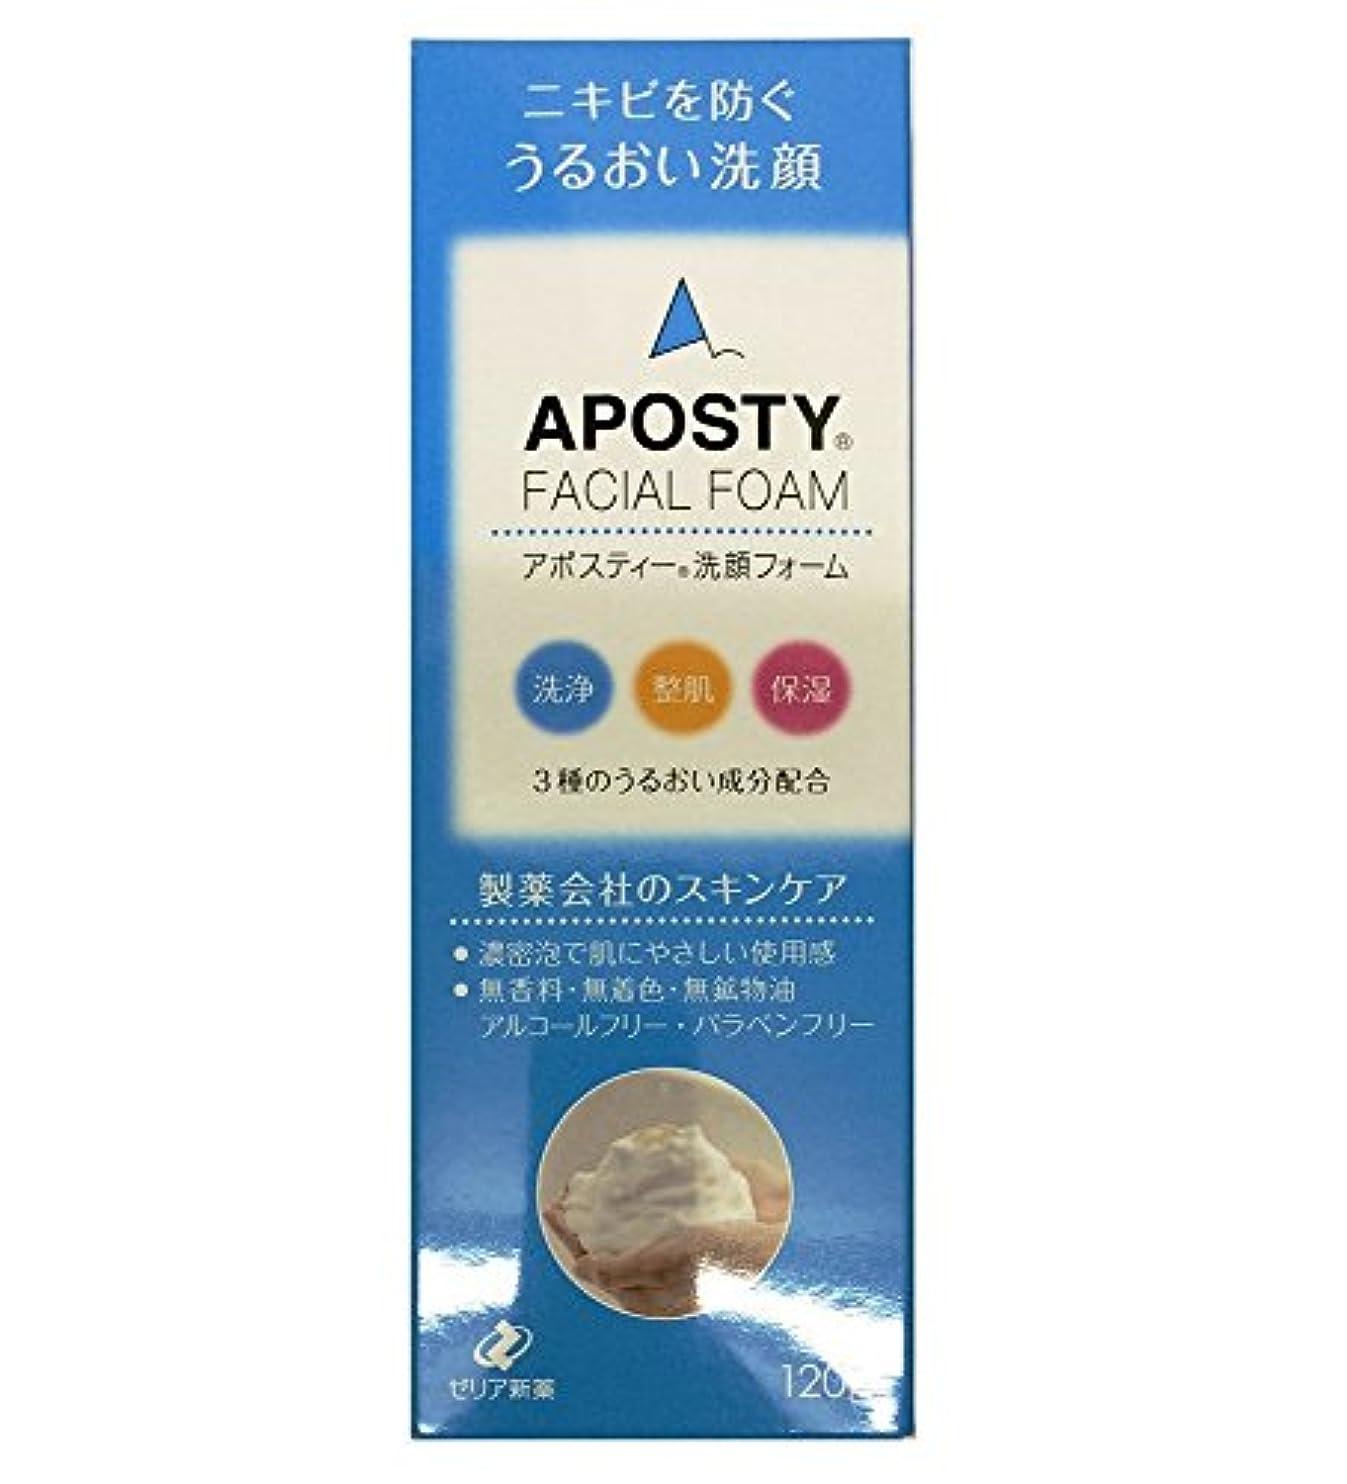 ふさわしい日付付き極貧ゼリア新薬工業 アポスティー 洗顔フォーム 120g